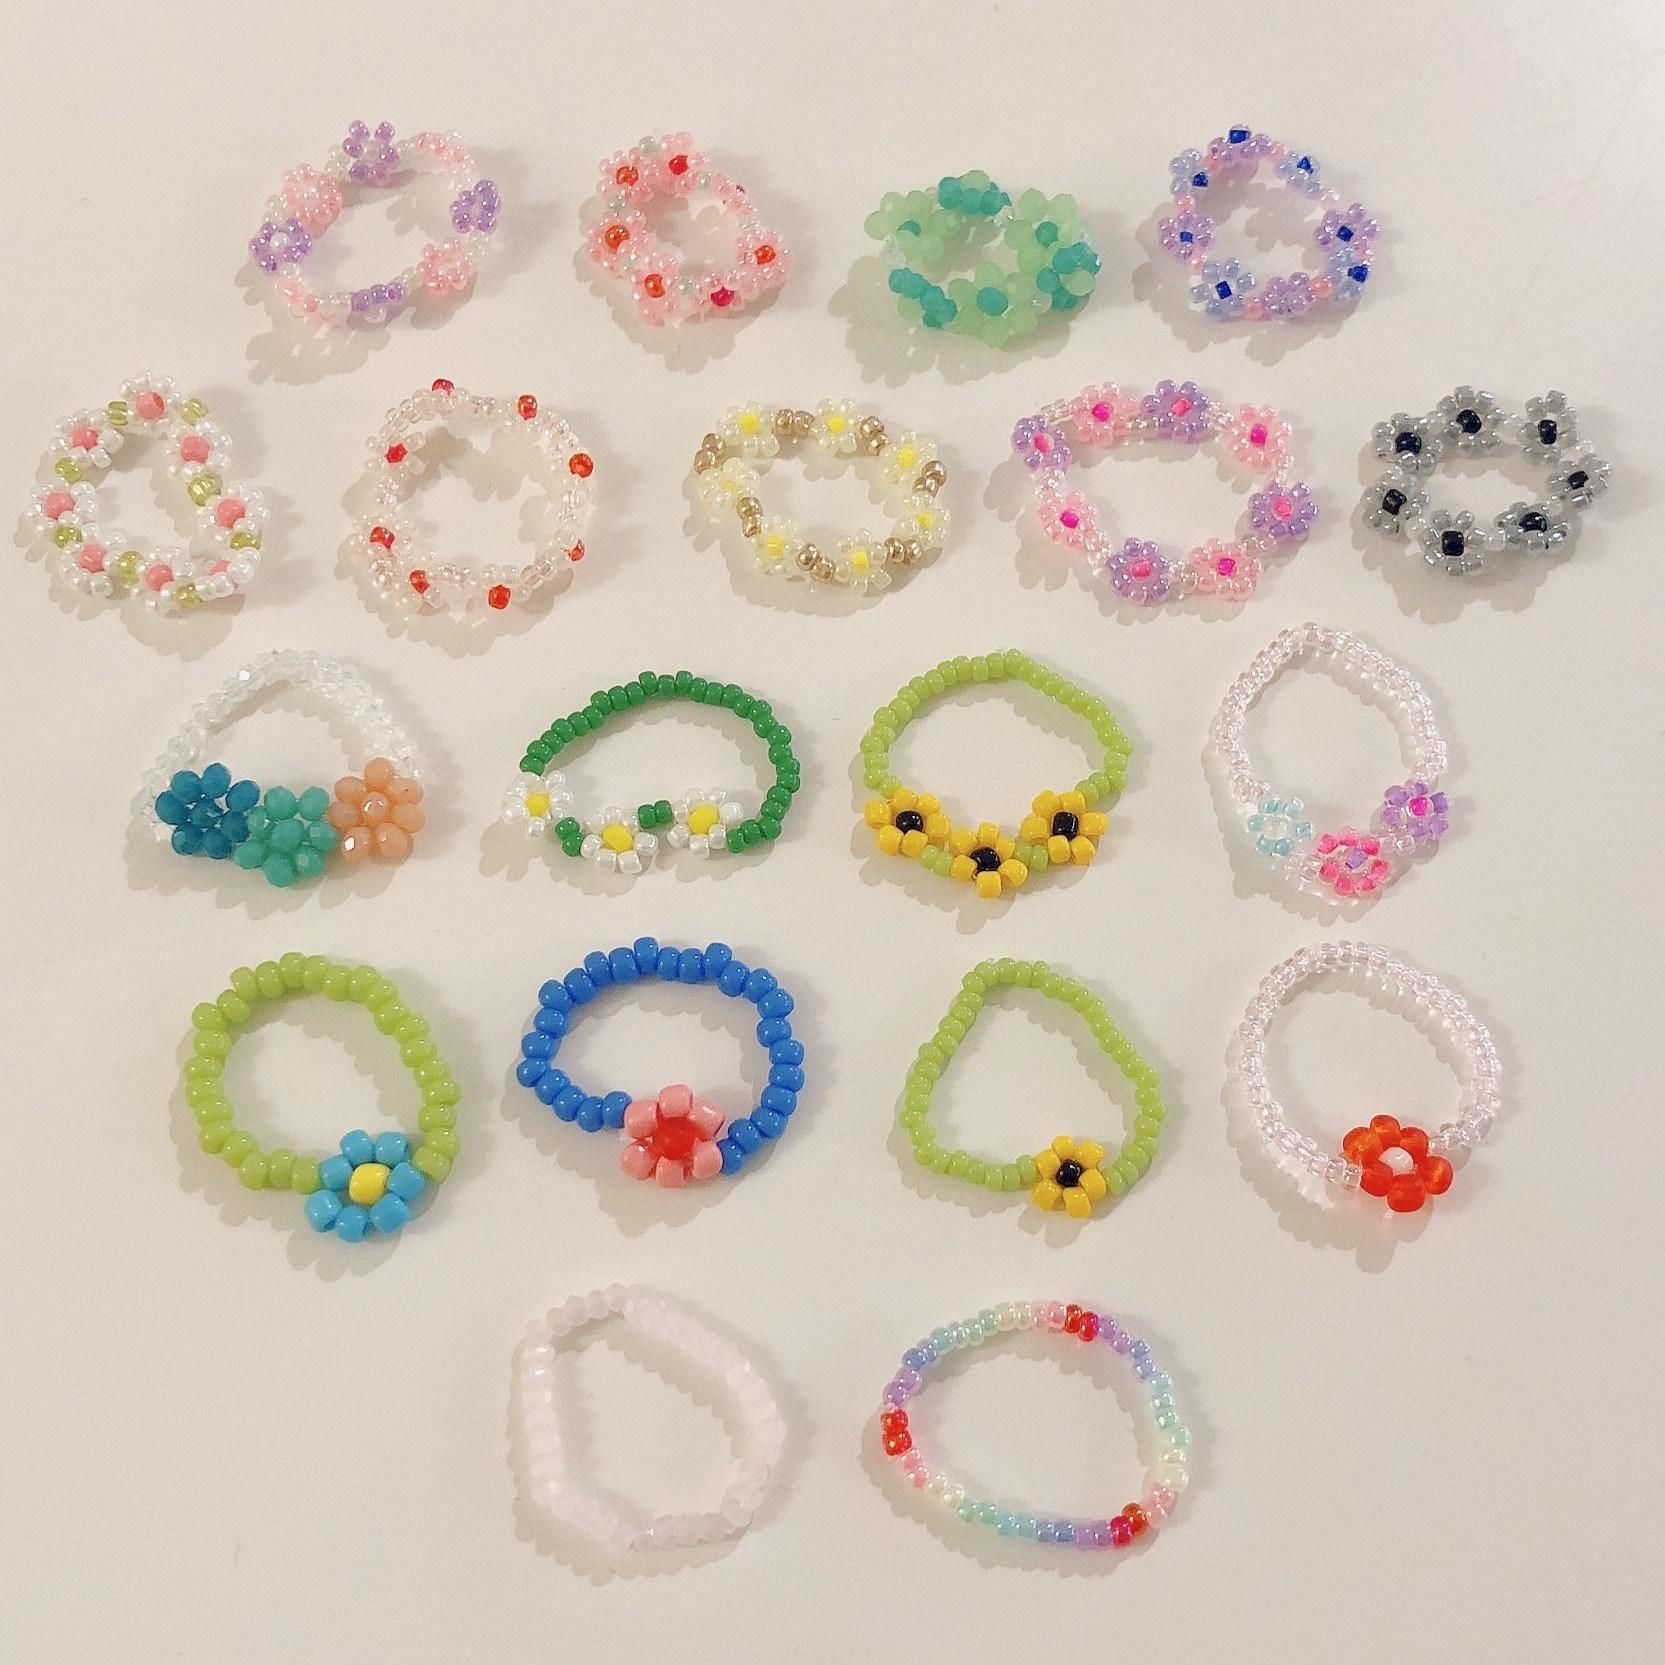 [쥬디앤마리] 비즈 반지 핸드메이드 꽃반지 공효진반지